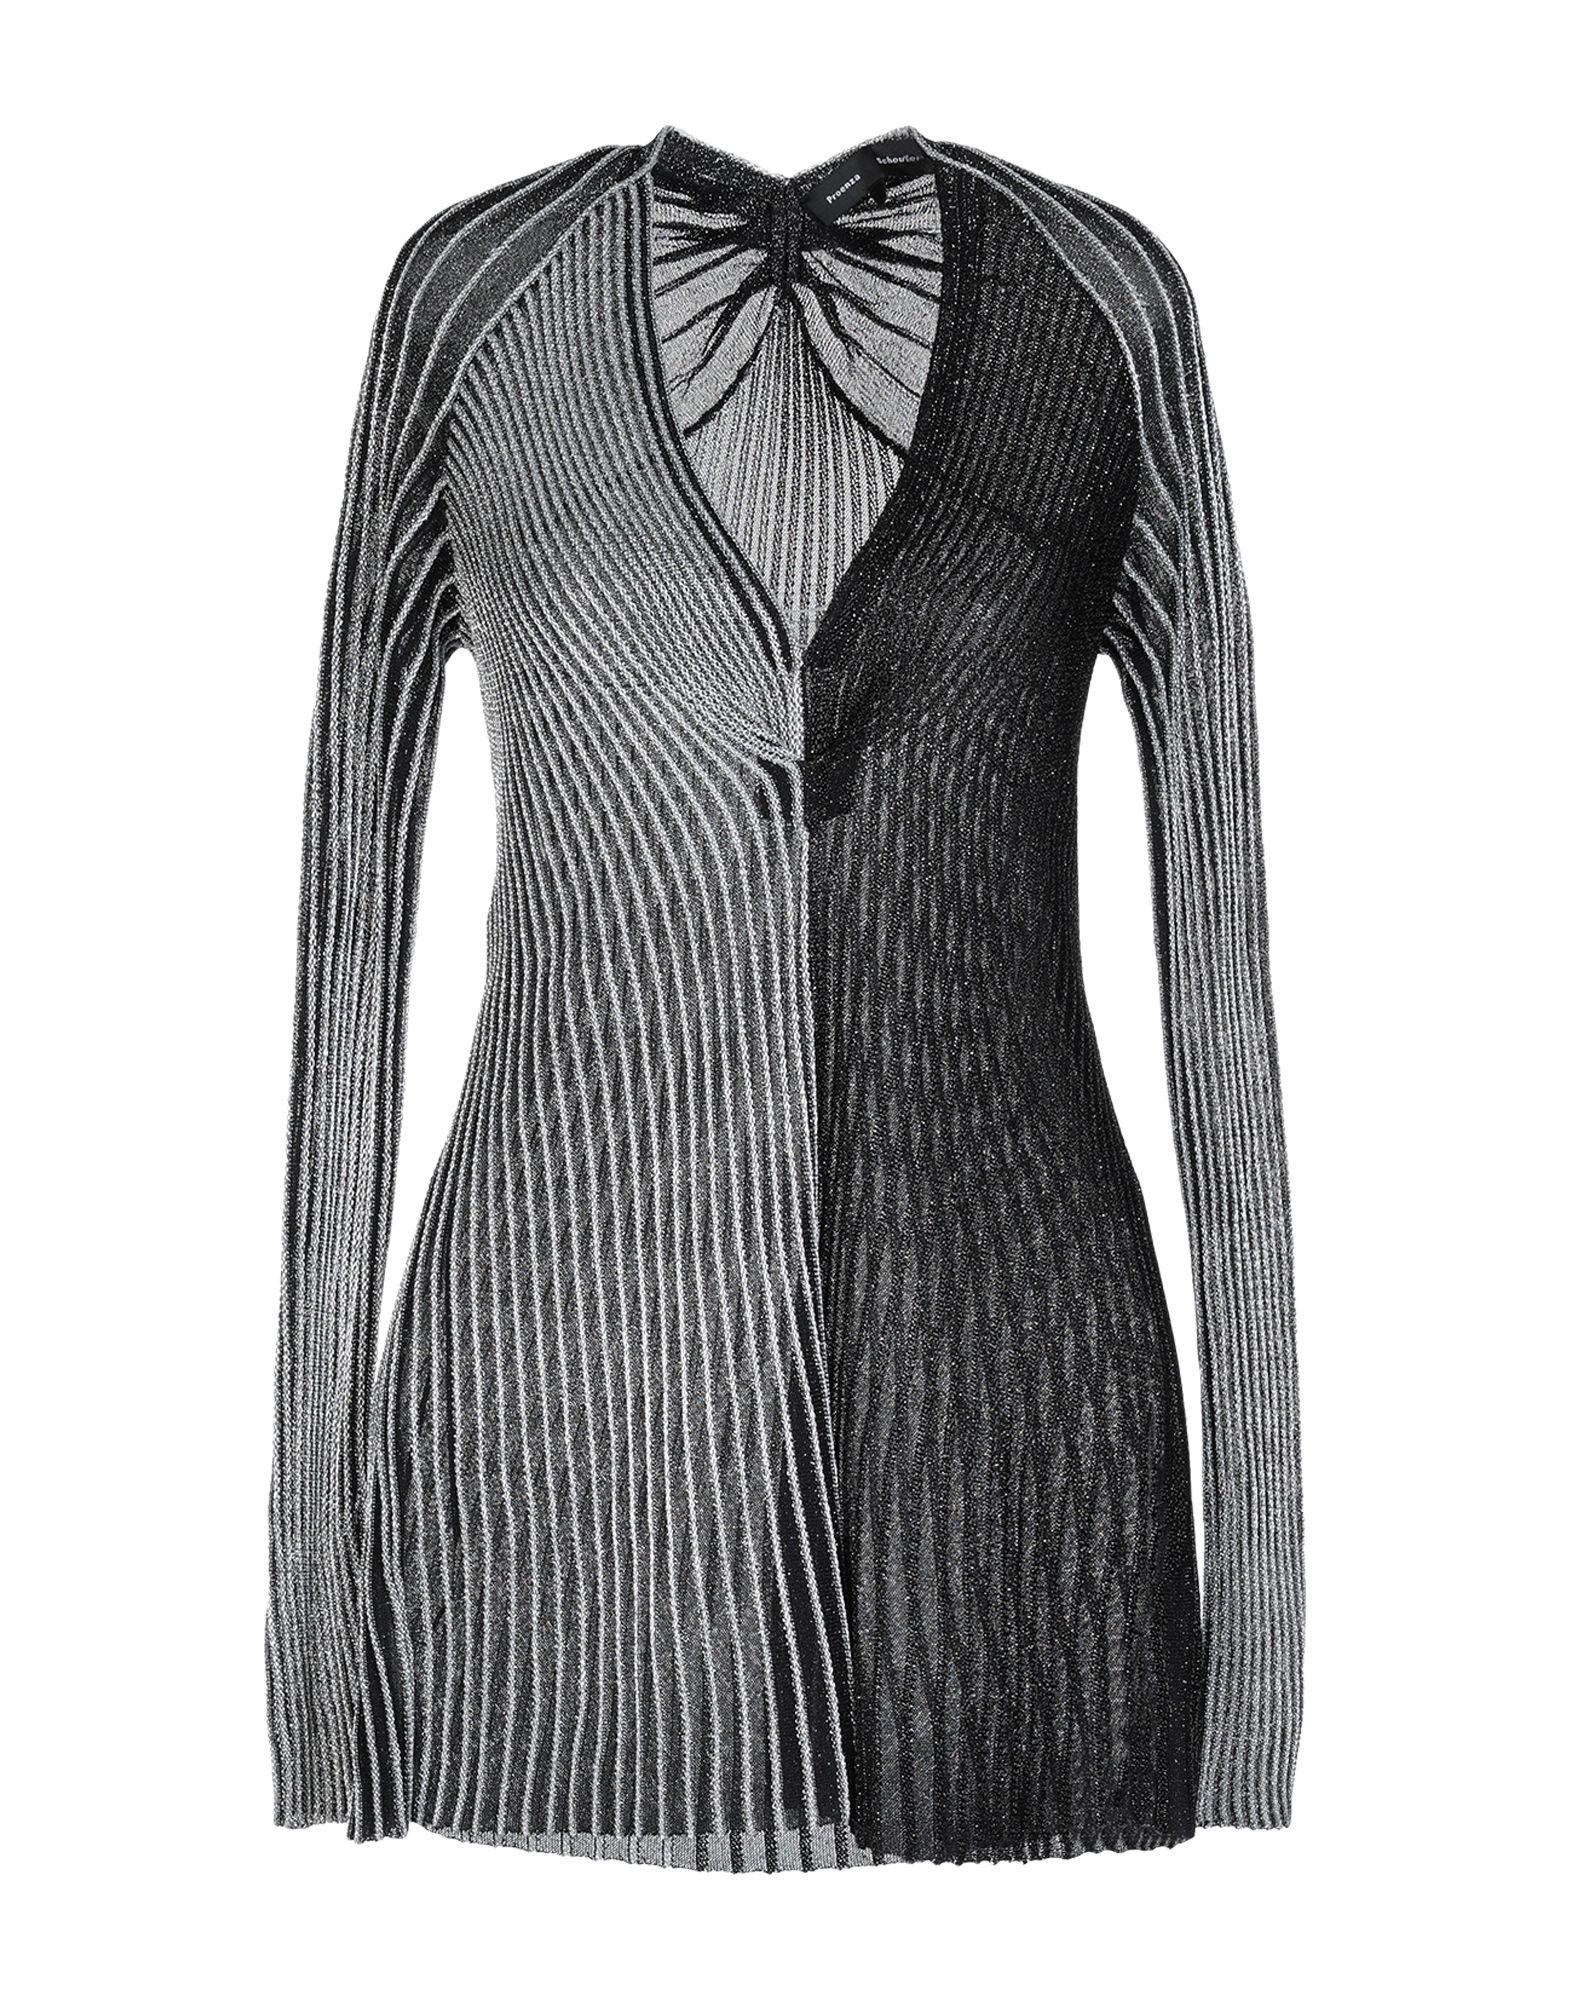 PROENZA SCHOULER Свитер мужской свитер в полоску 52